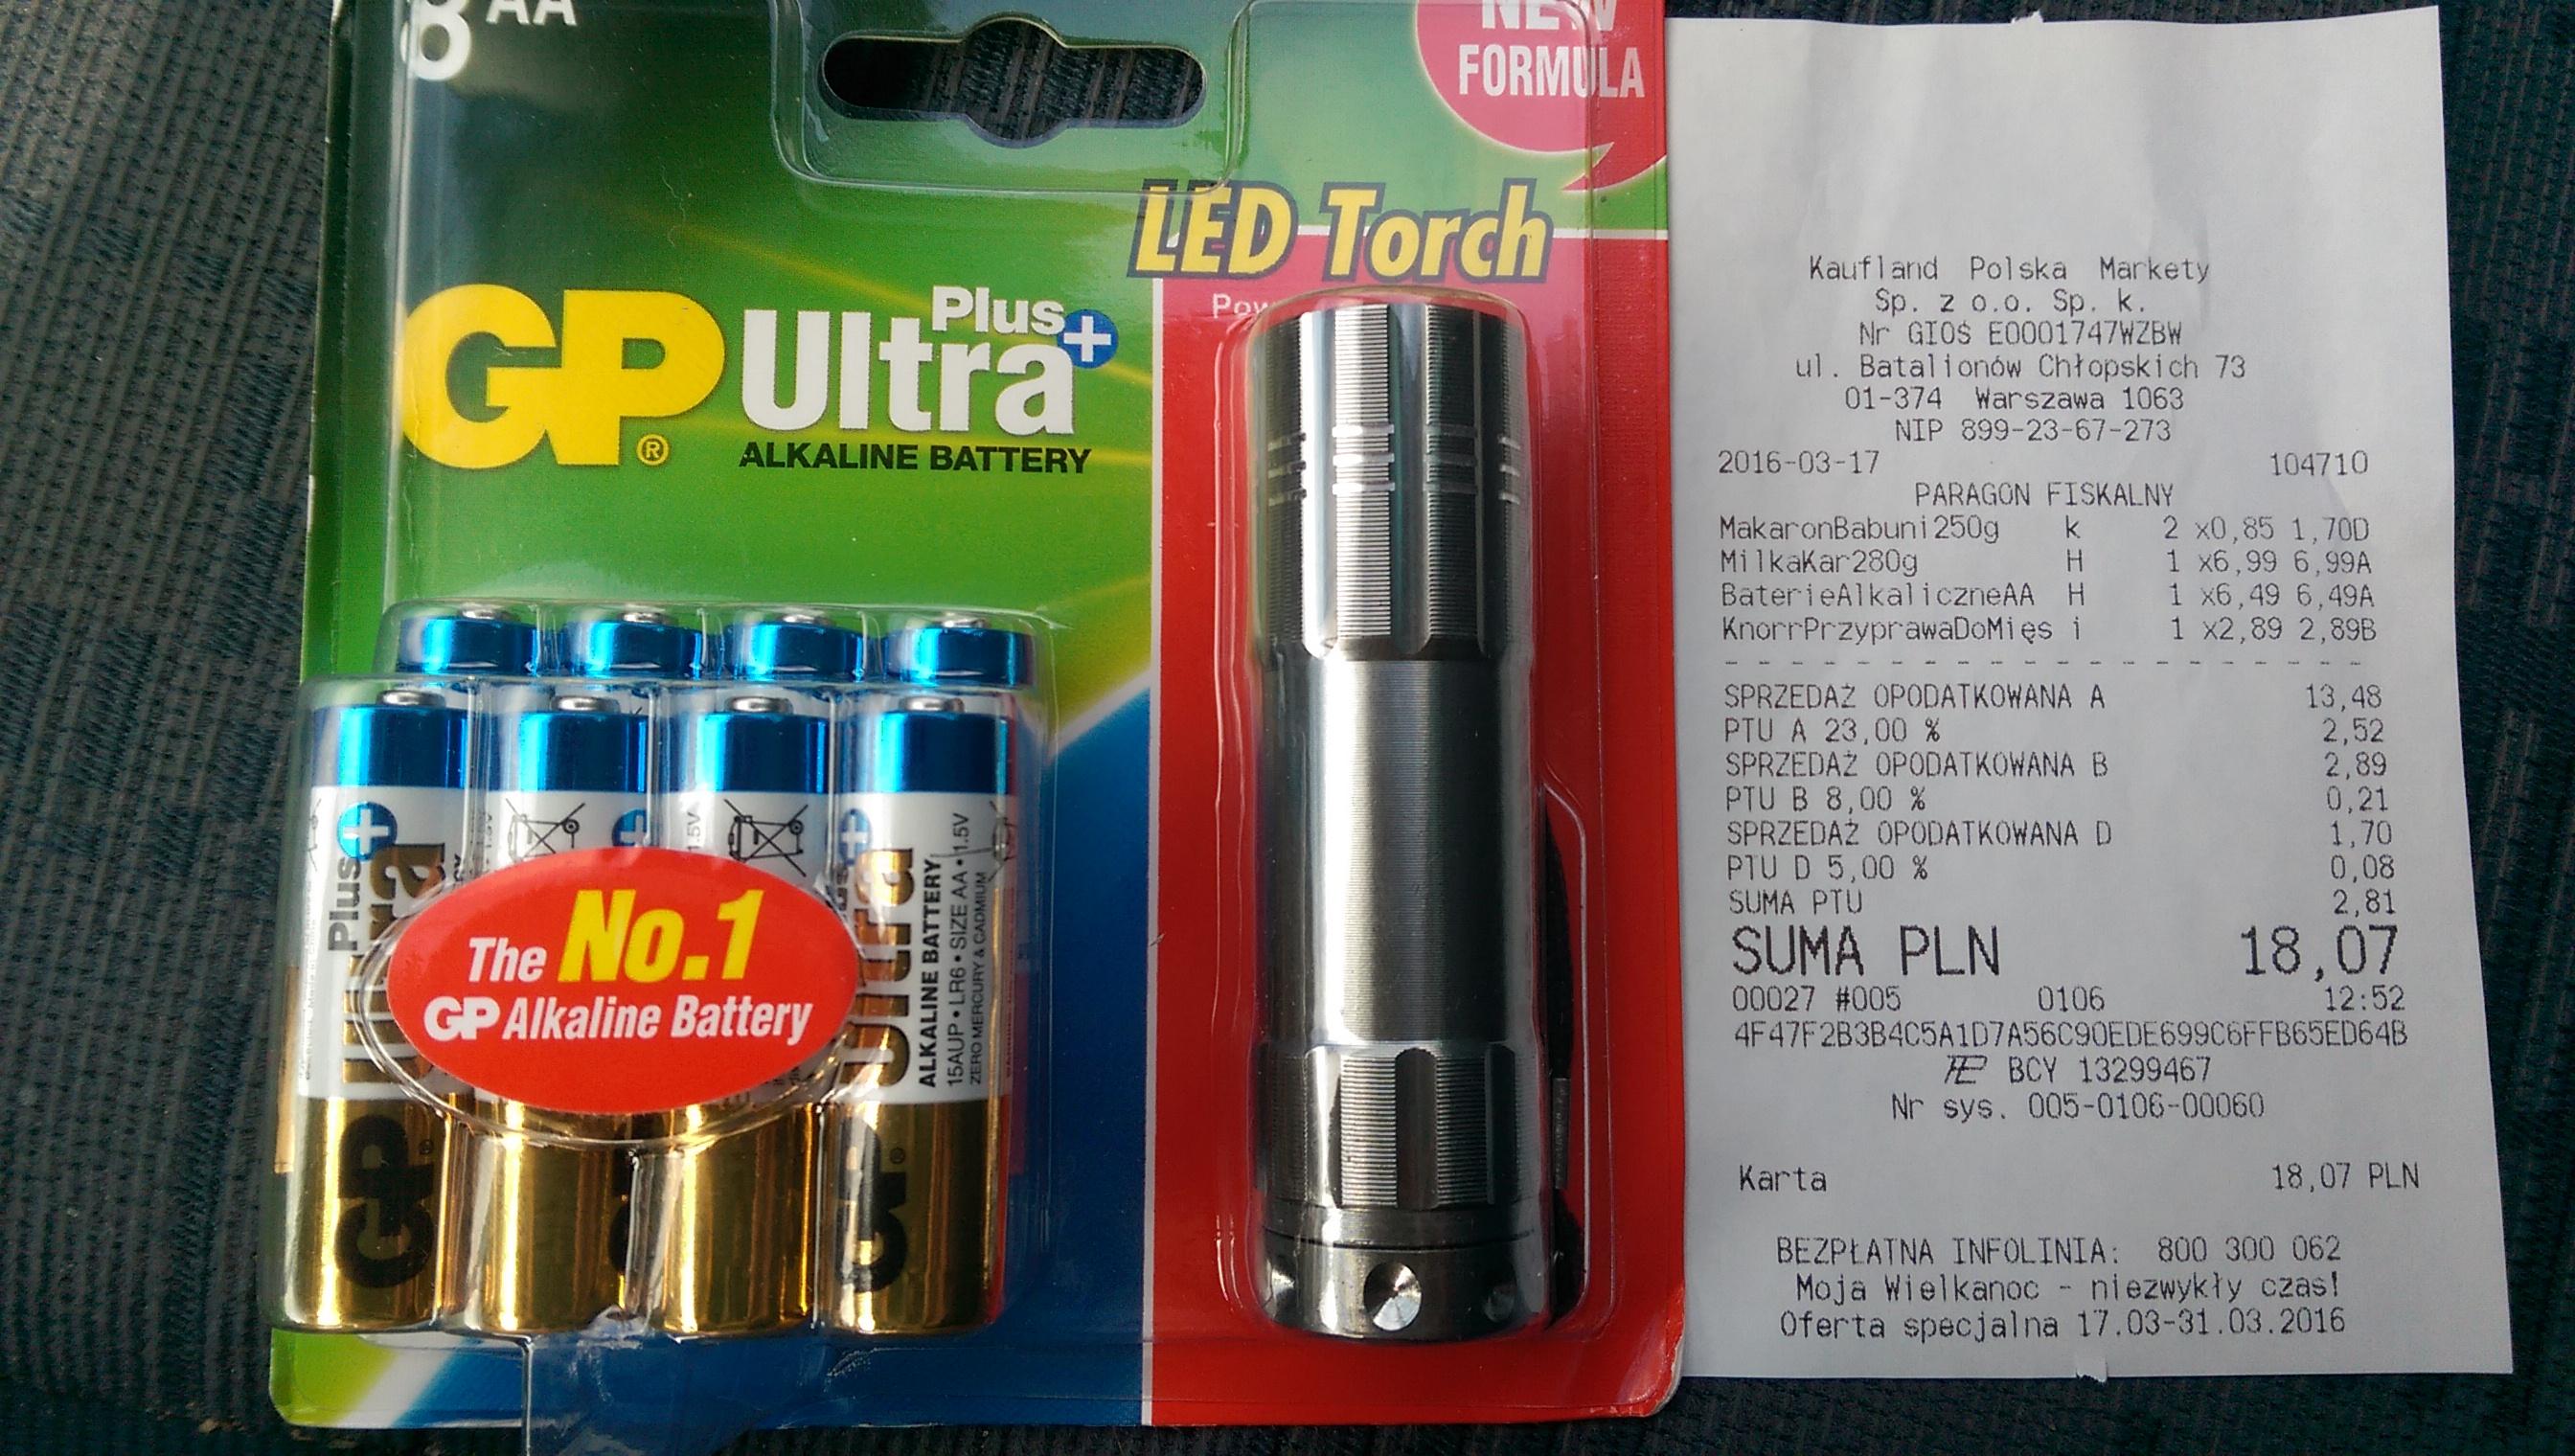 8 baterii alkalicznych AA GP Ultra Plus+ w komplecie z latarką (Kaufland Warszawa)